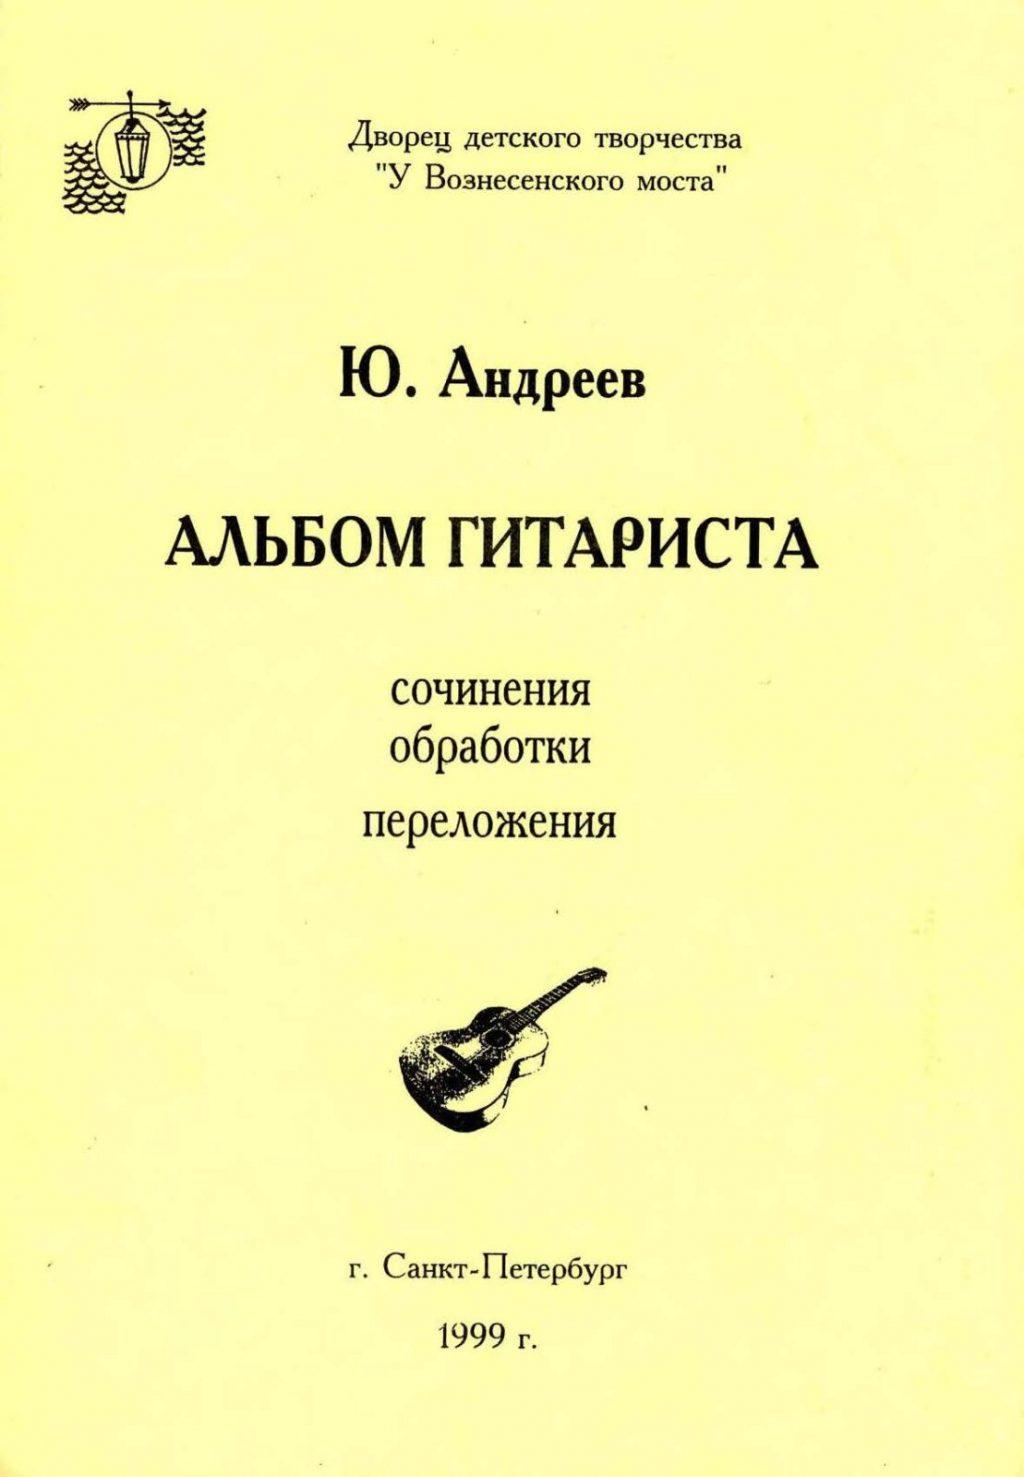 Альбом гитариста. Андреев Ю.